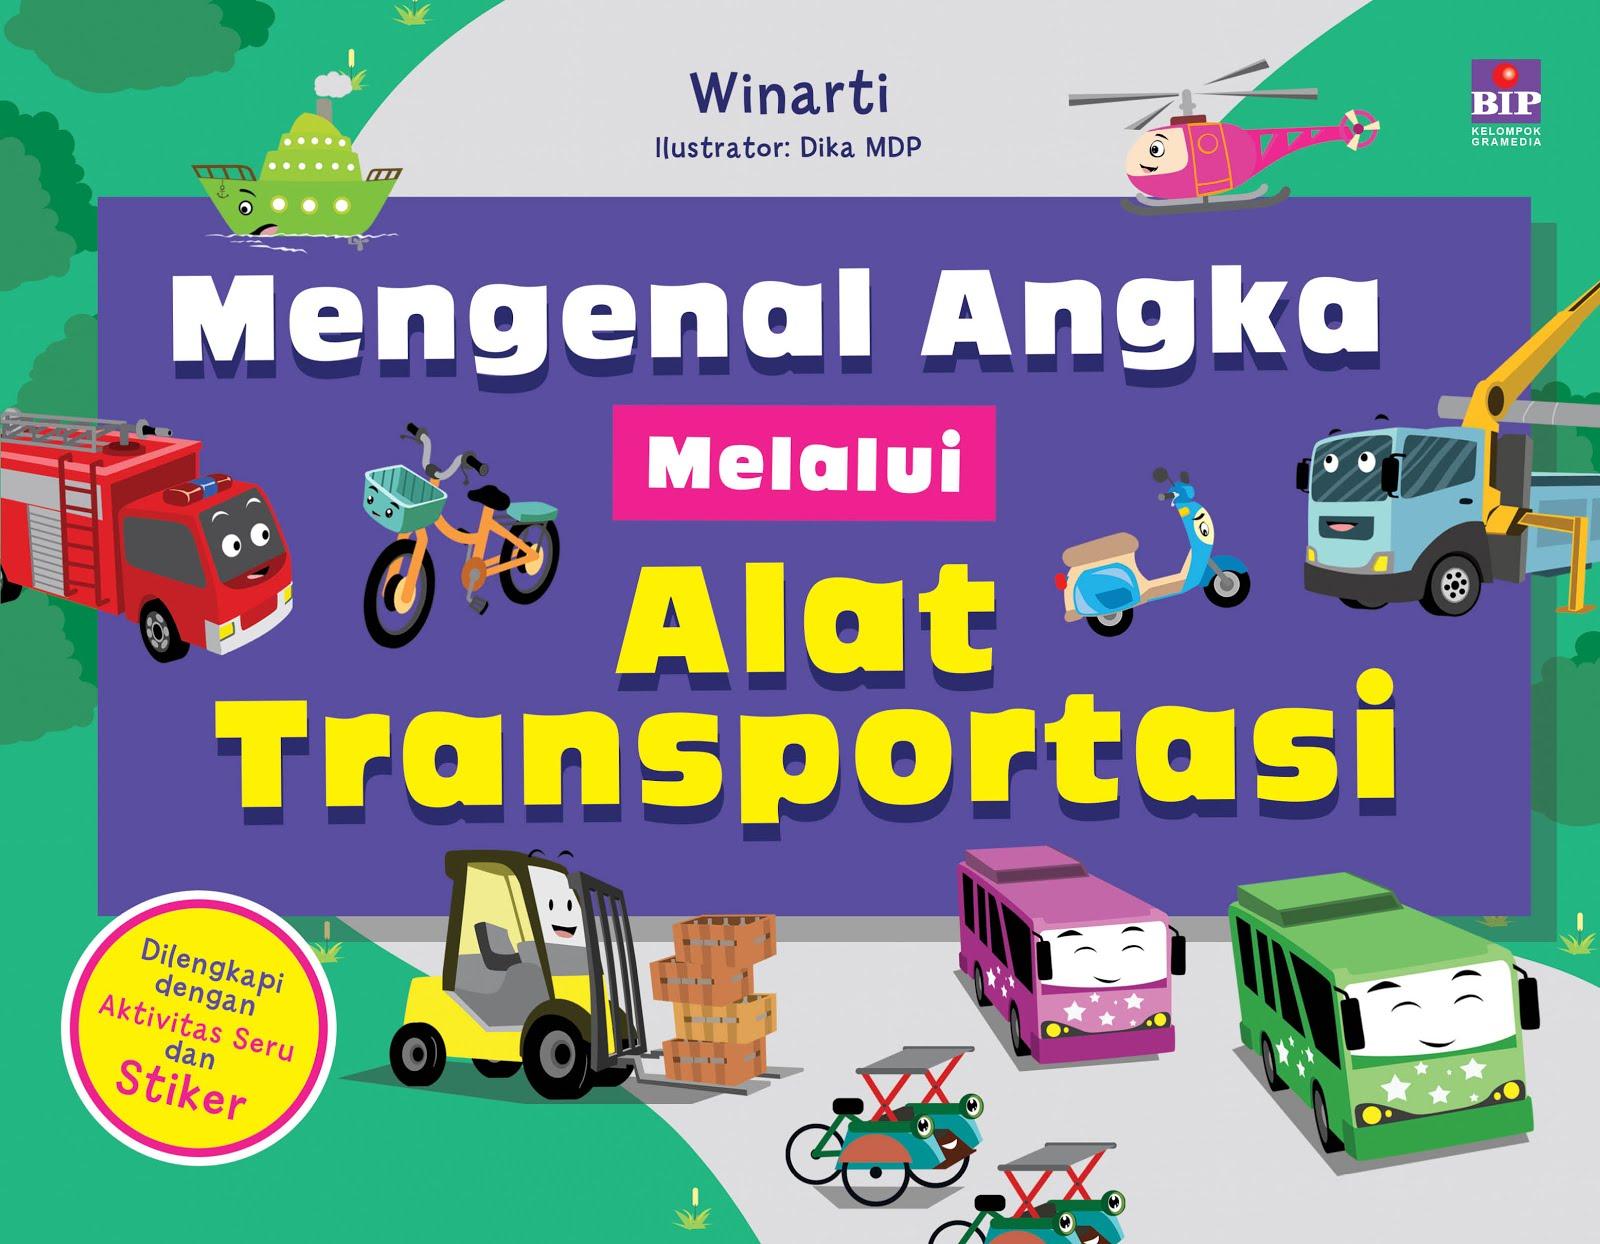 Buku Mengenal Angka melalui Alat Transportasi